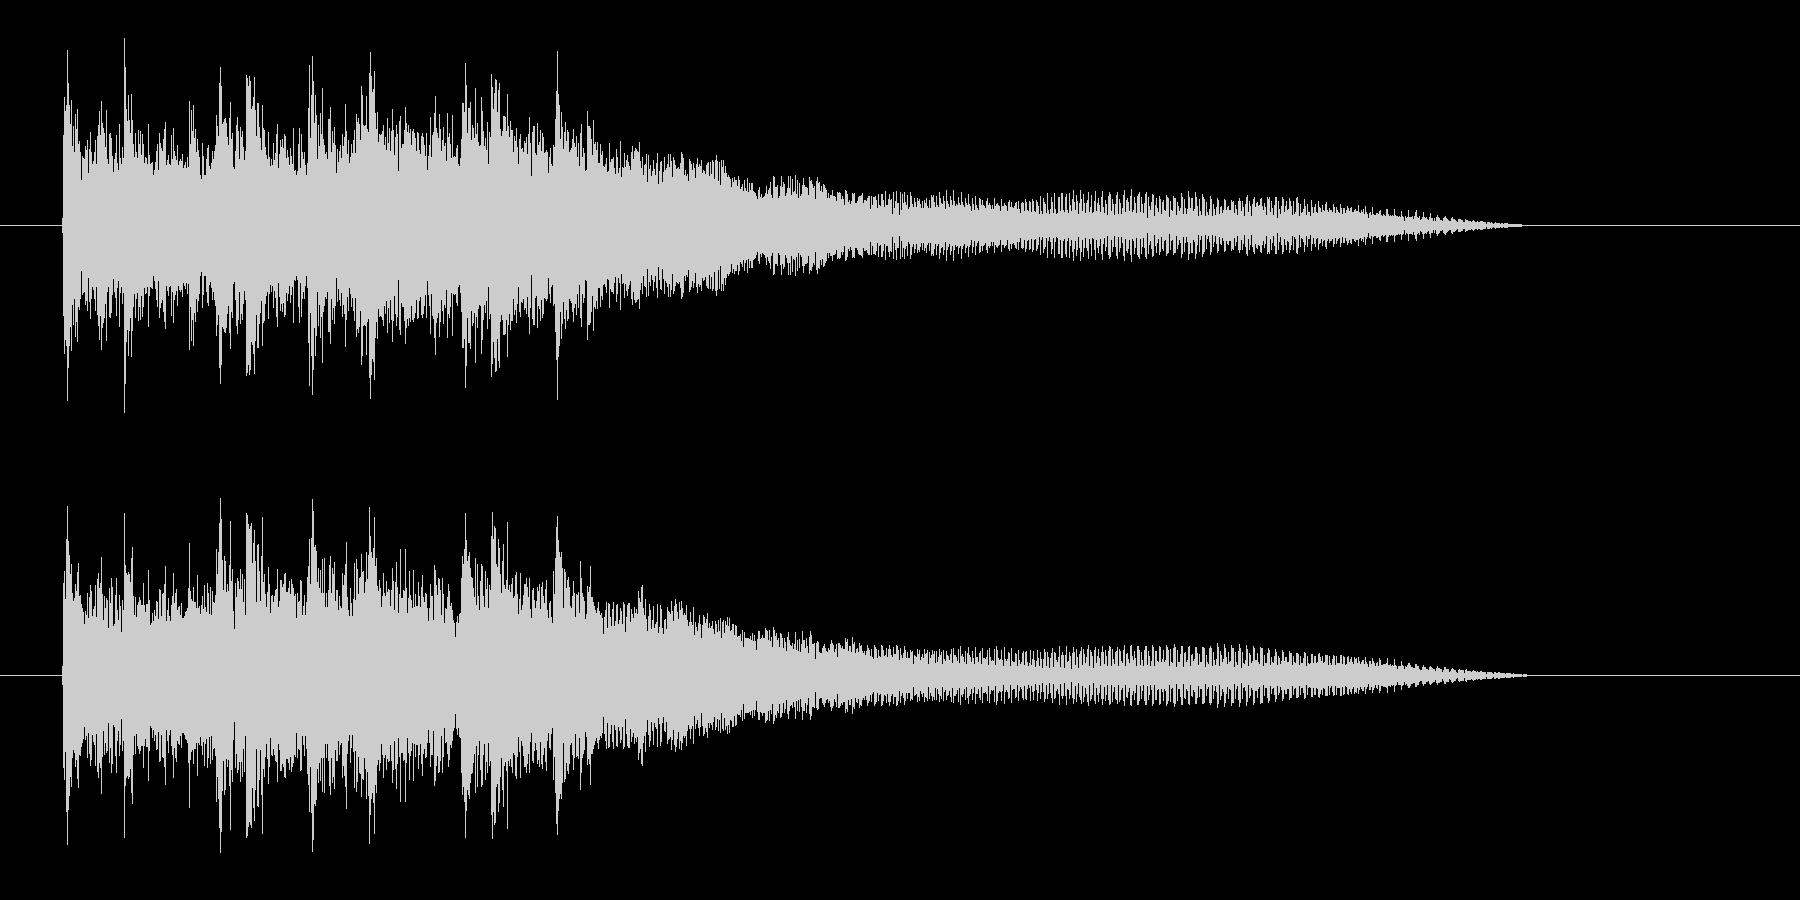 明るい未来を期待できるミュージックの未再生の波形